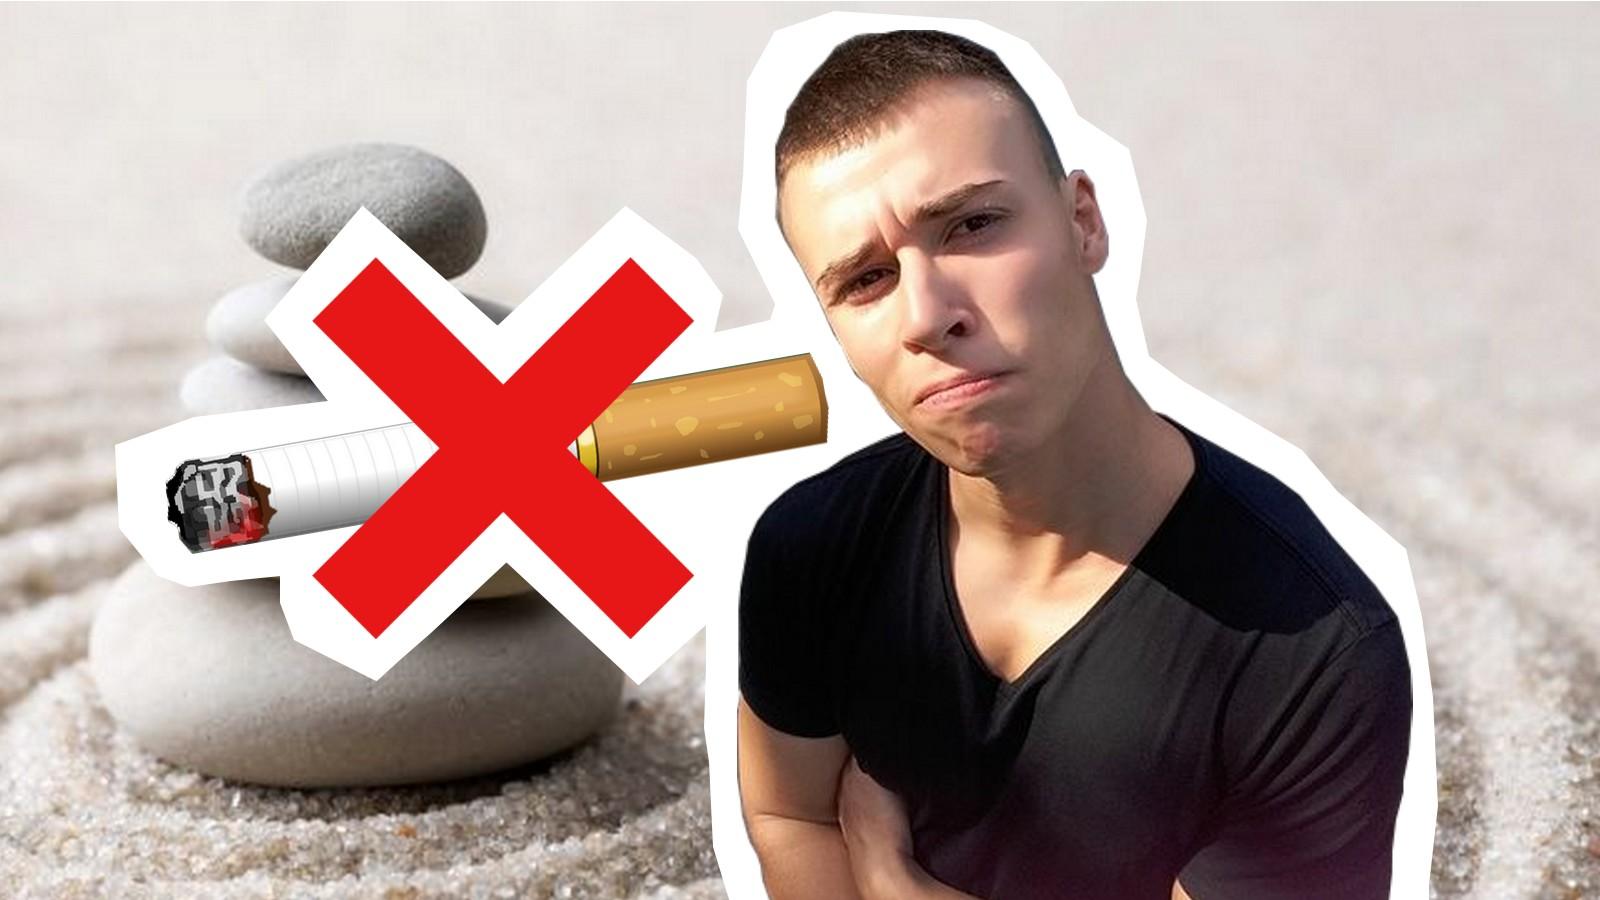 arrêt du tabac sophrologie stan carrey sable cigarette croix rouge